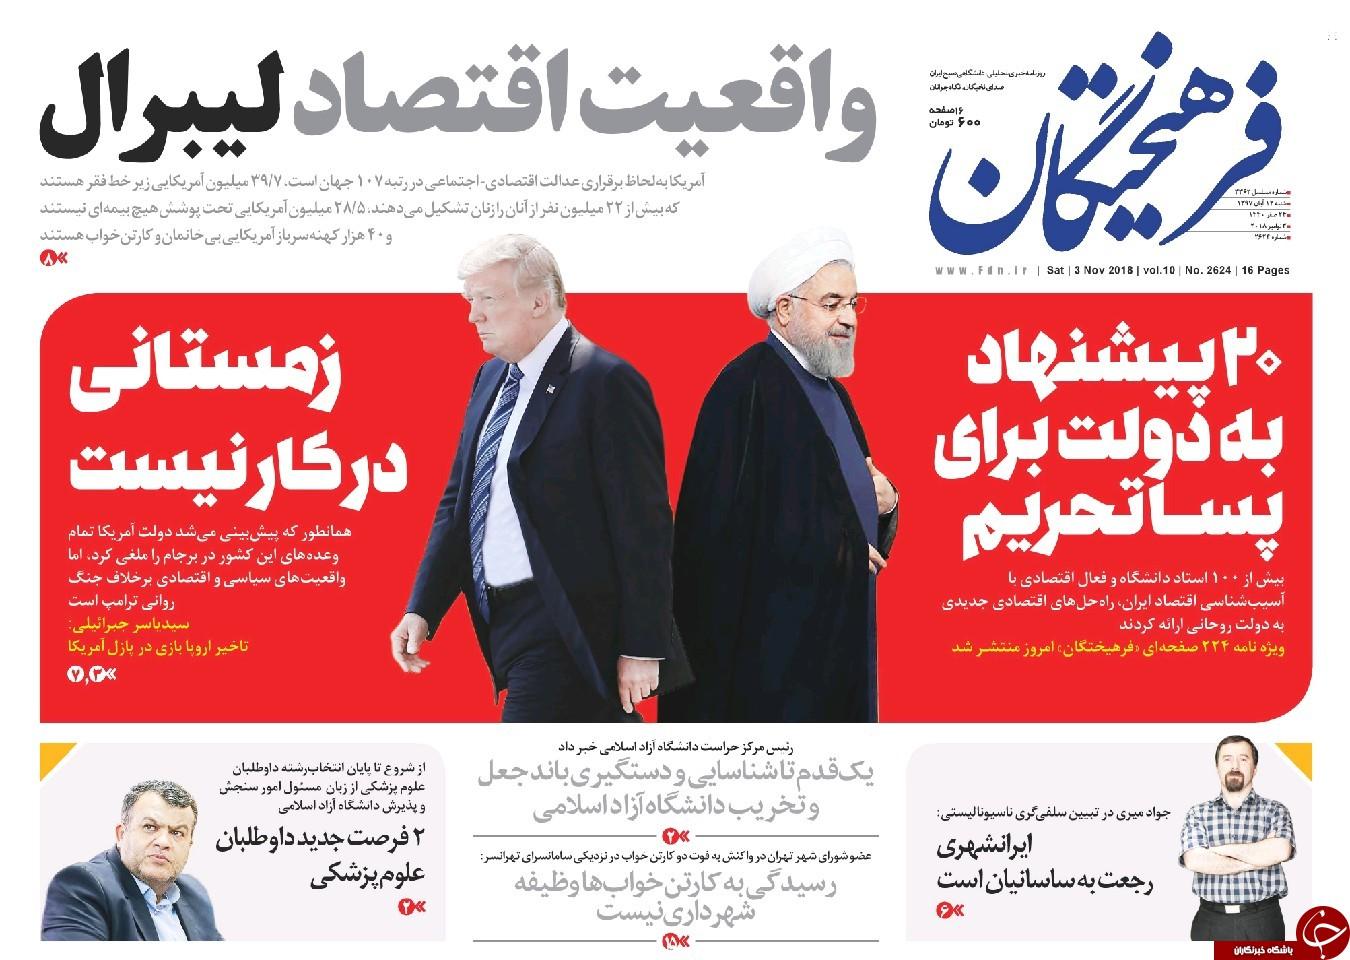 تیر تحریم نفتی به سنگ خورد، دیدید آمریکا هیچ غلطی نتوانست بکند!/ 13 آبان روز پایان استعمار در ایران